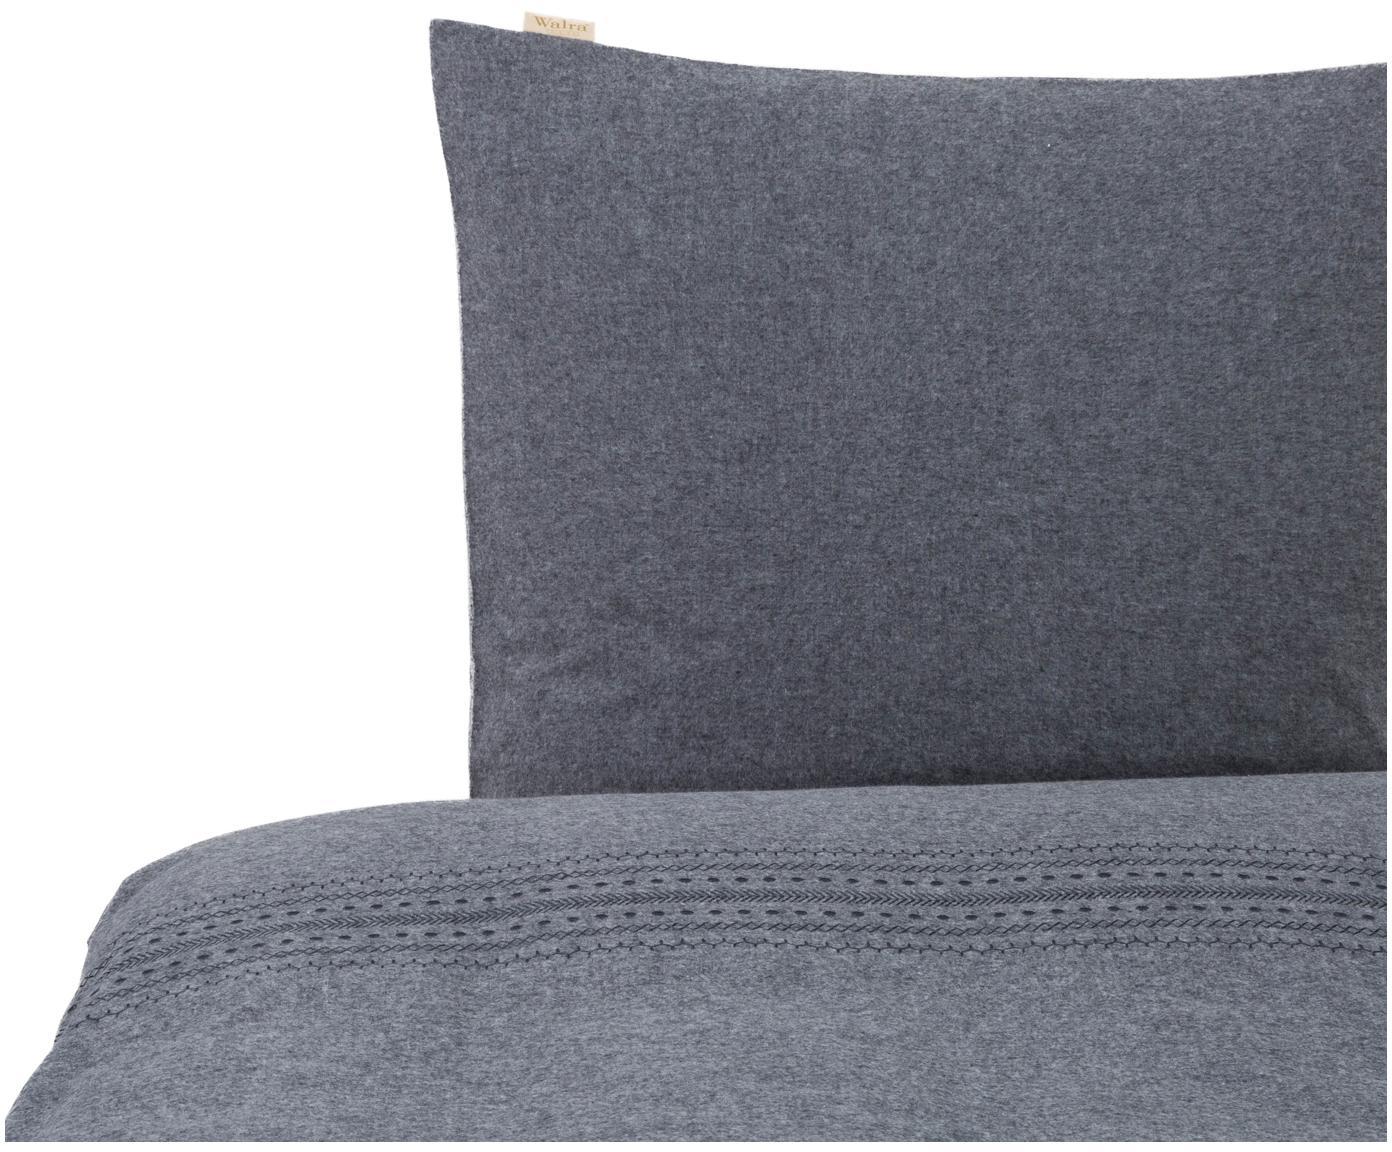 Flanell-Bettwäsche Pure Craft mit Stickerei, Webart: Flanell Flanell ist ein s, Grau, 135 x 200 cm + 1 Kissen 80 x 80 cm